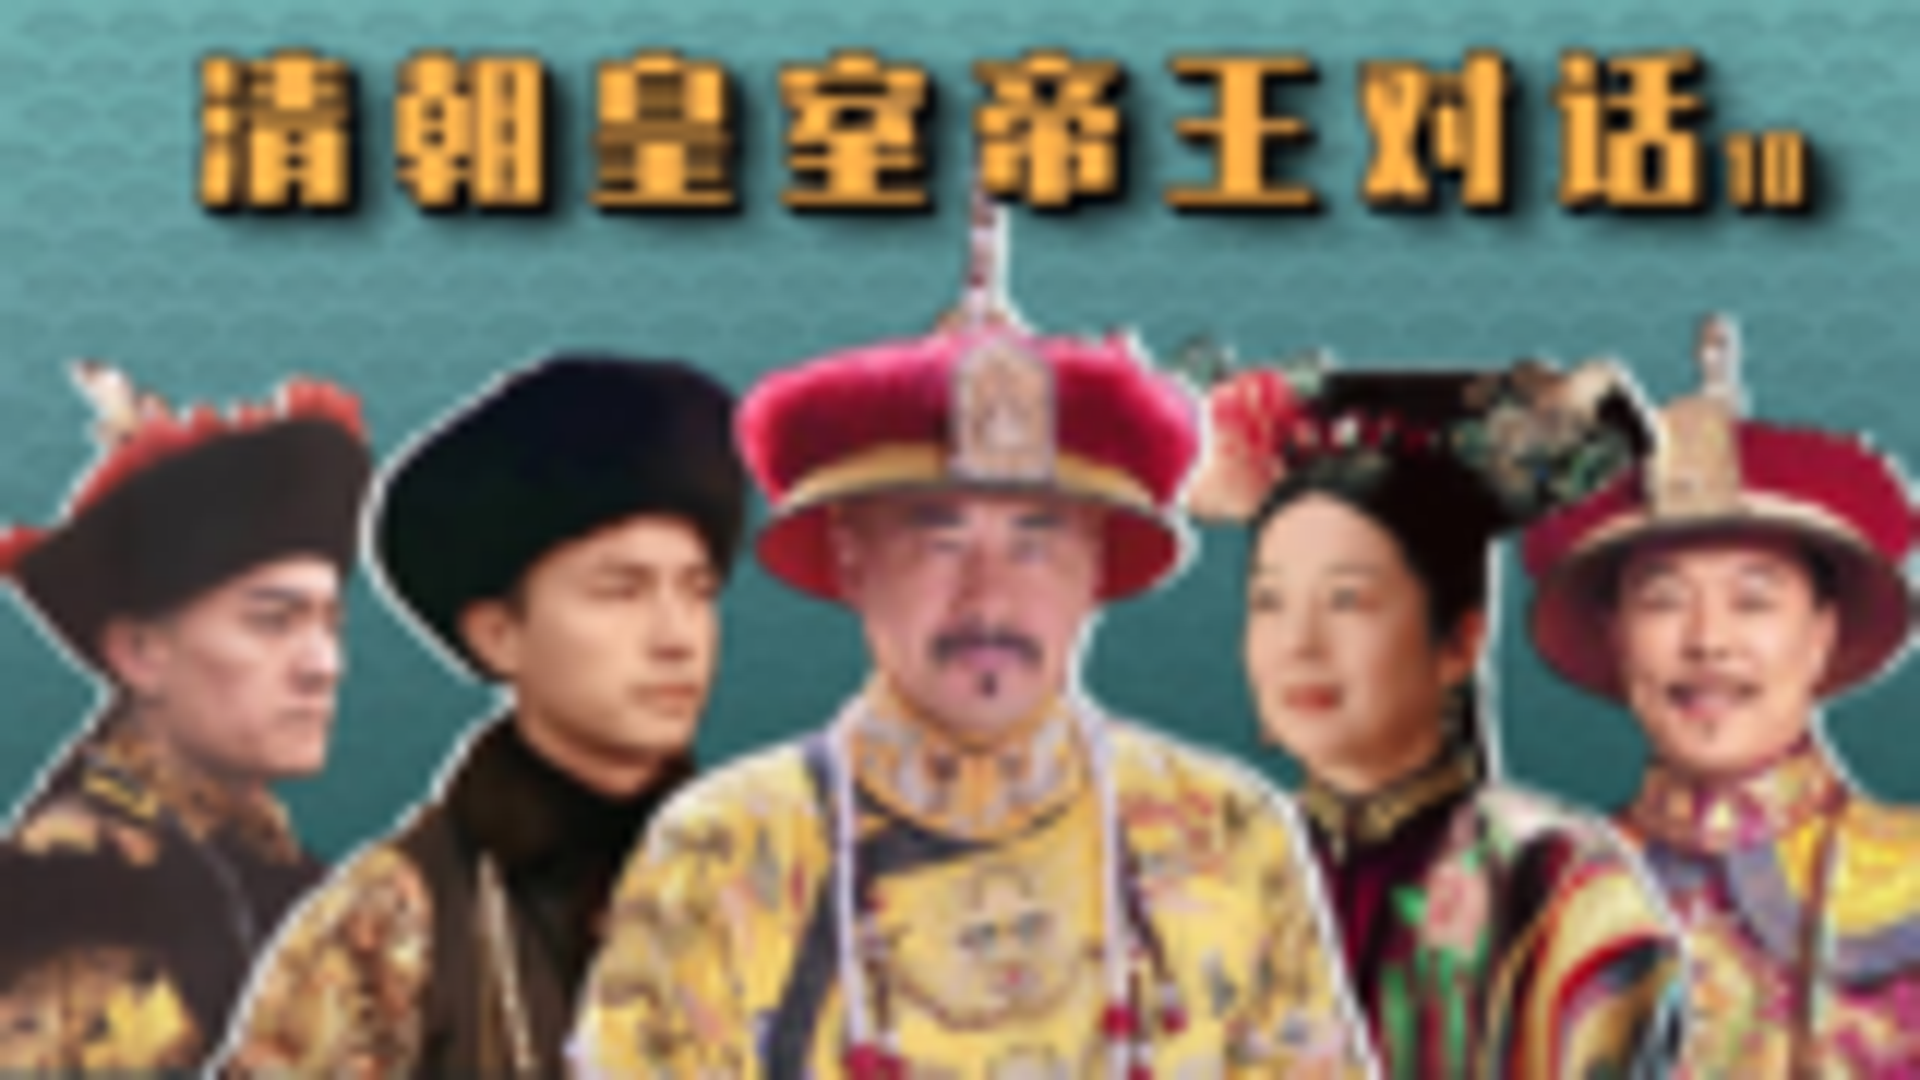 清朝皇室帝王对话(大结局):乾隆喊麦《惊雷》,暴揍慈禧